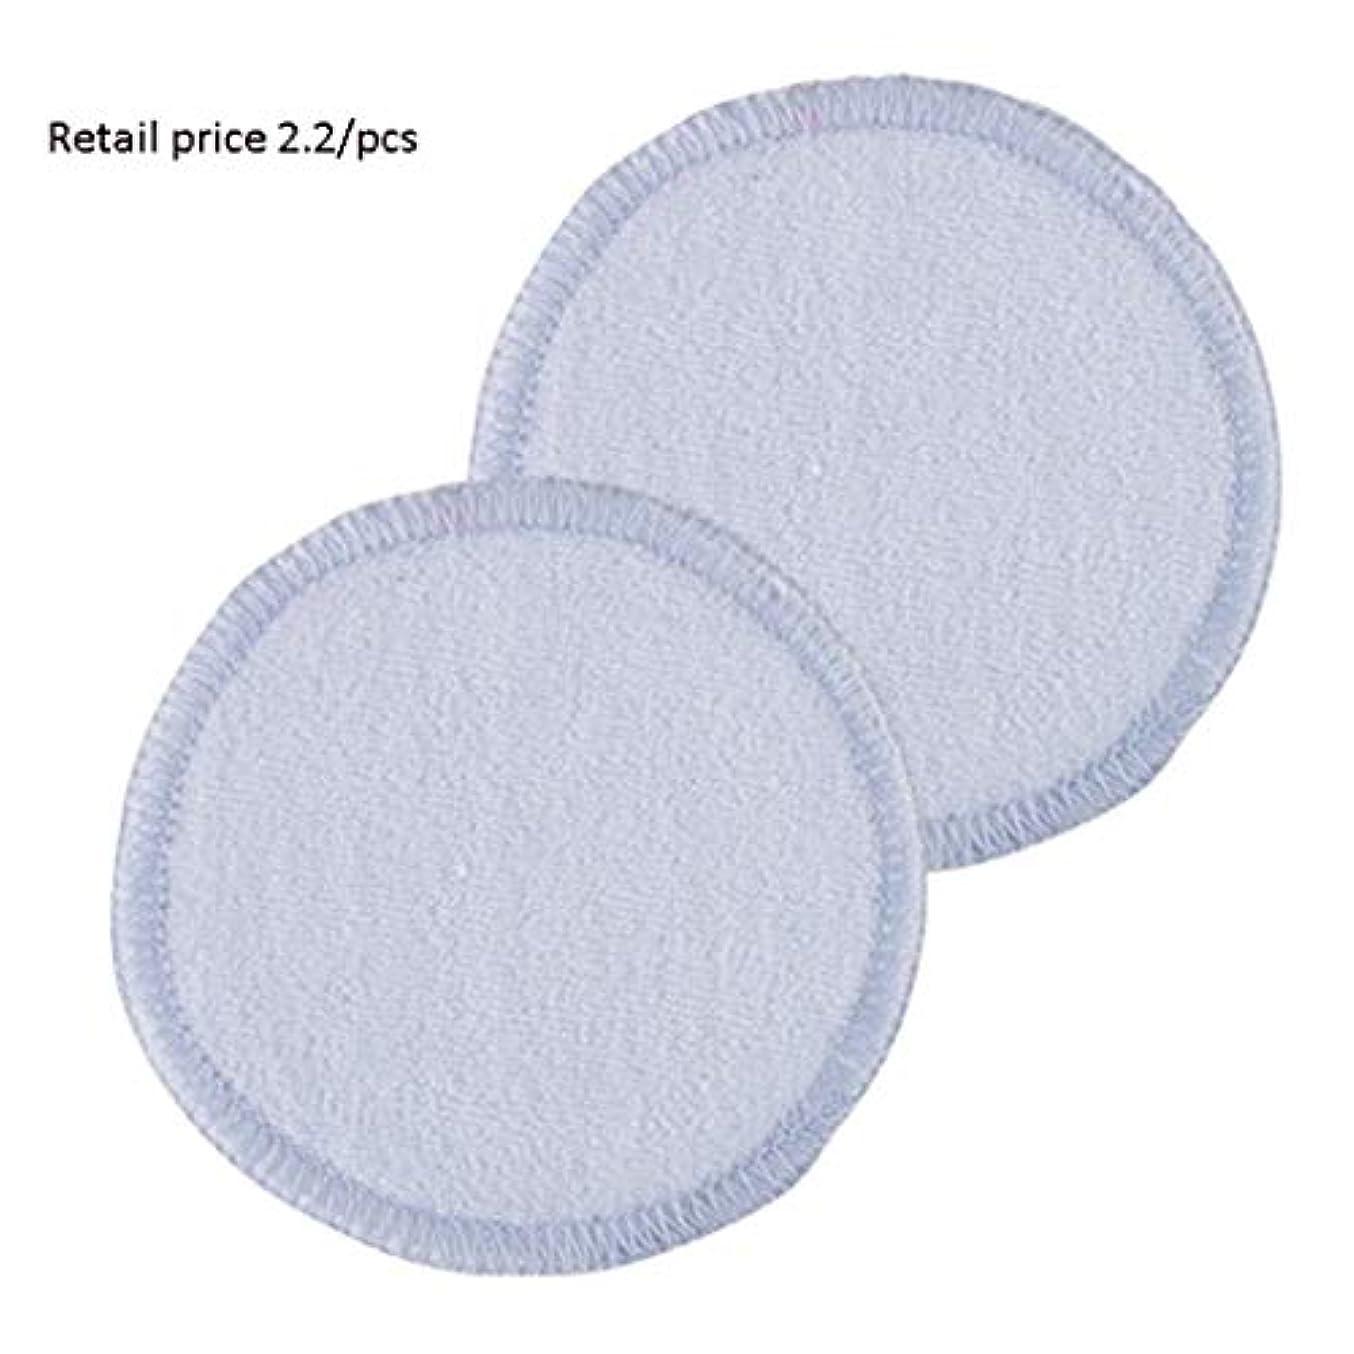 症候群ゴルフ削除するクレンジングシート 再利用可能な洗える8センチラウンドクレンジングコットンパッド、収納バッグ付き4色、ランドリー製品用スキンケア製品 (Color : Blue, サイズ : 8cm)